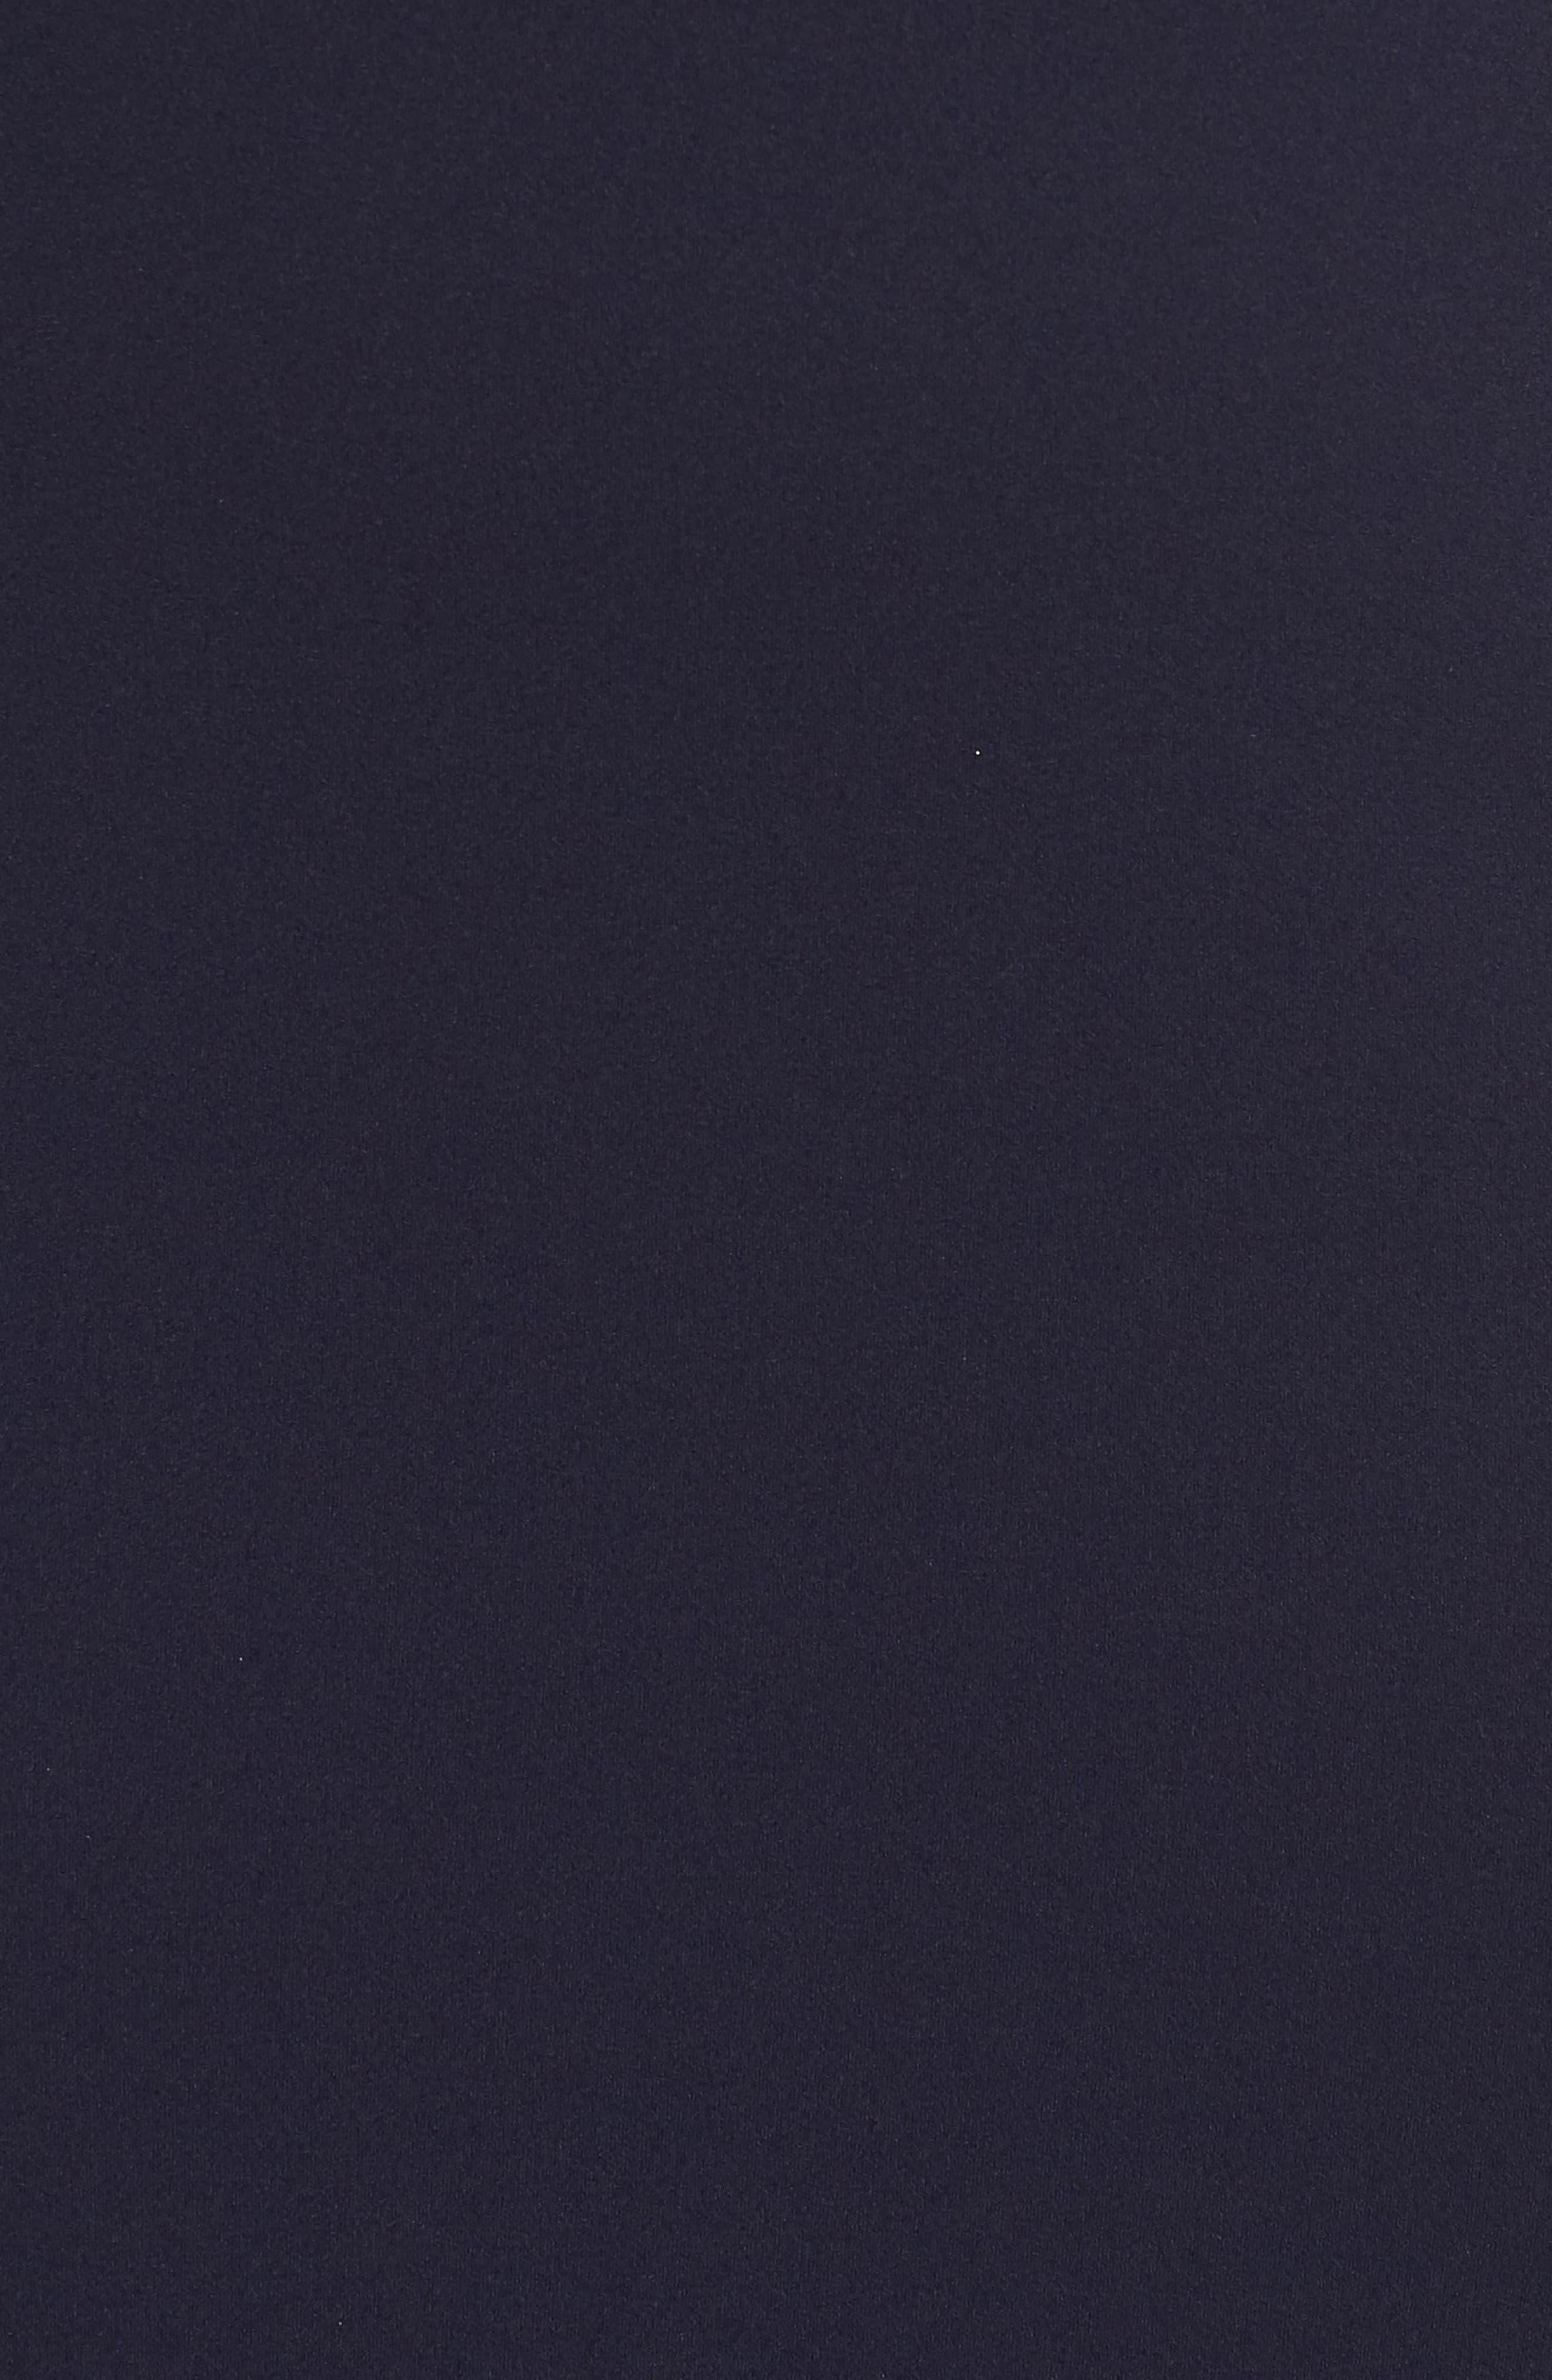 VINCE CAMUTO, Bateau Neck Gown, Alternate thumbnail 6, color, NAVY